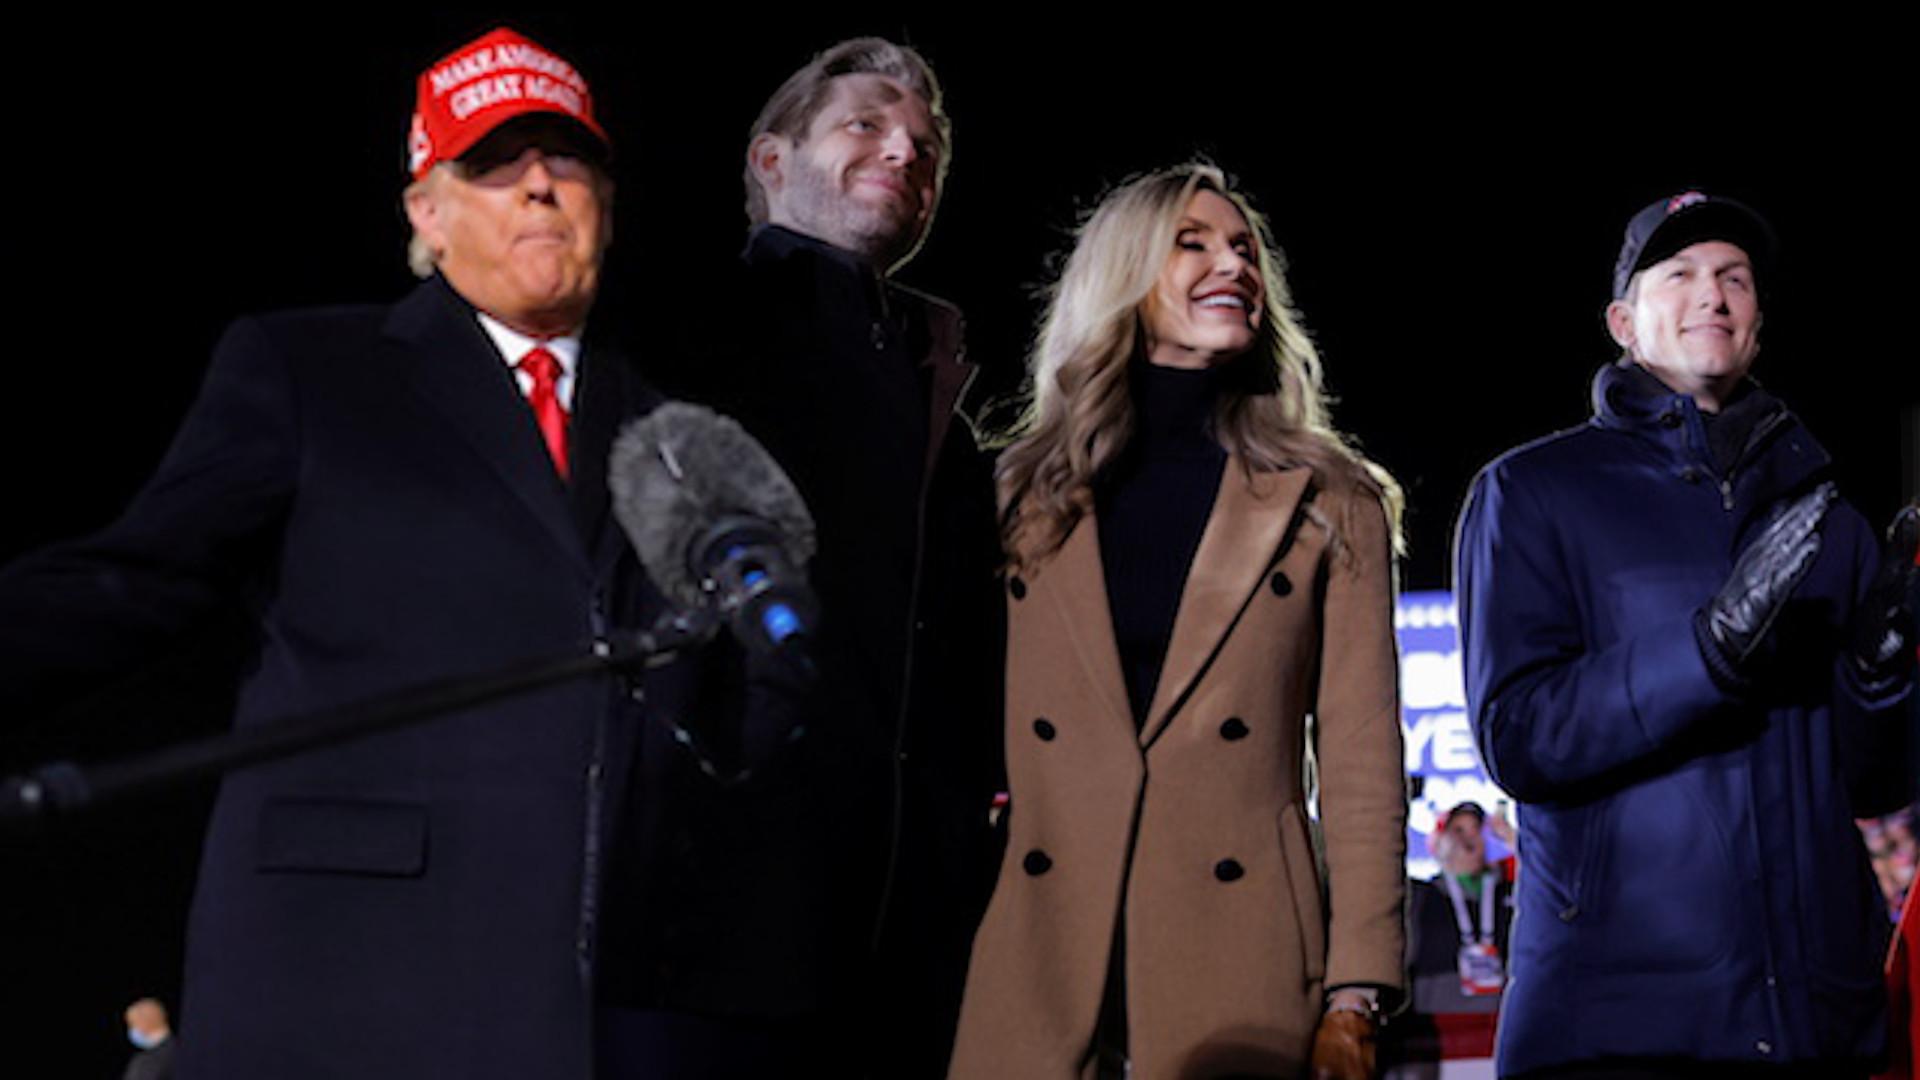 Donald Trump z rodziną dzień przed ciszą wyborczą. Ivanka w pięknym czerwonym płaszczu (ZDJĘCIA)